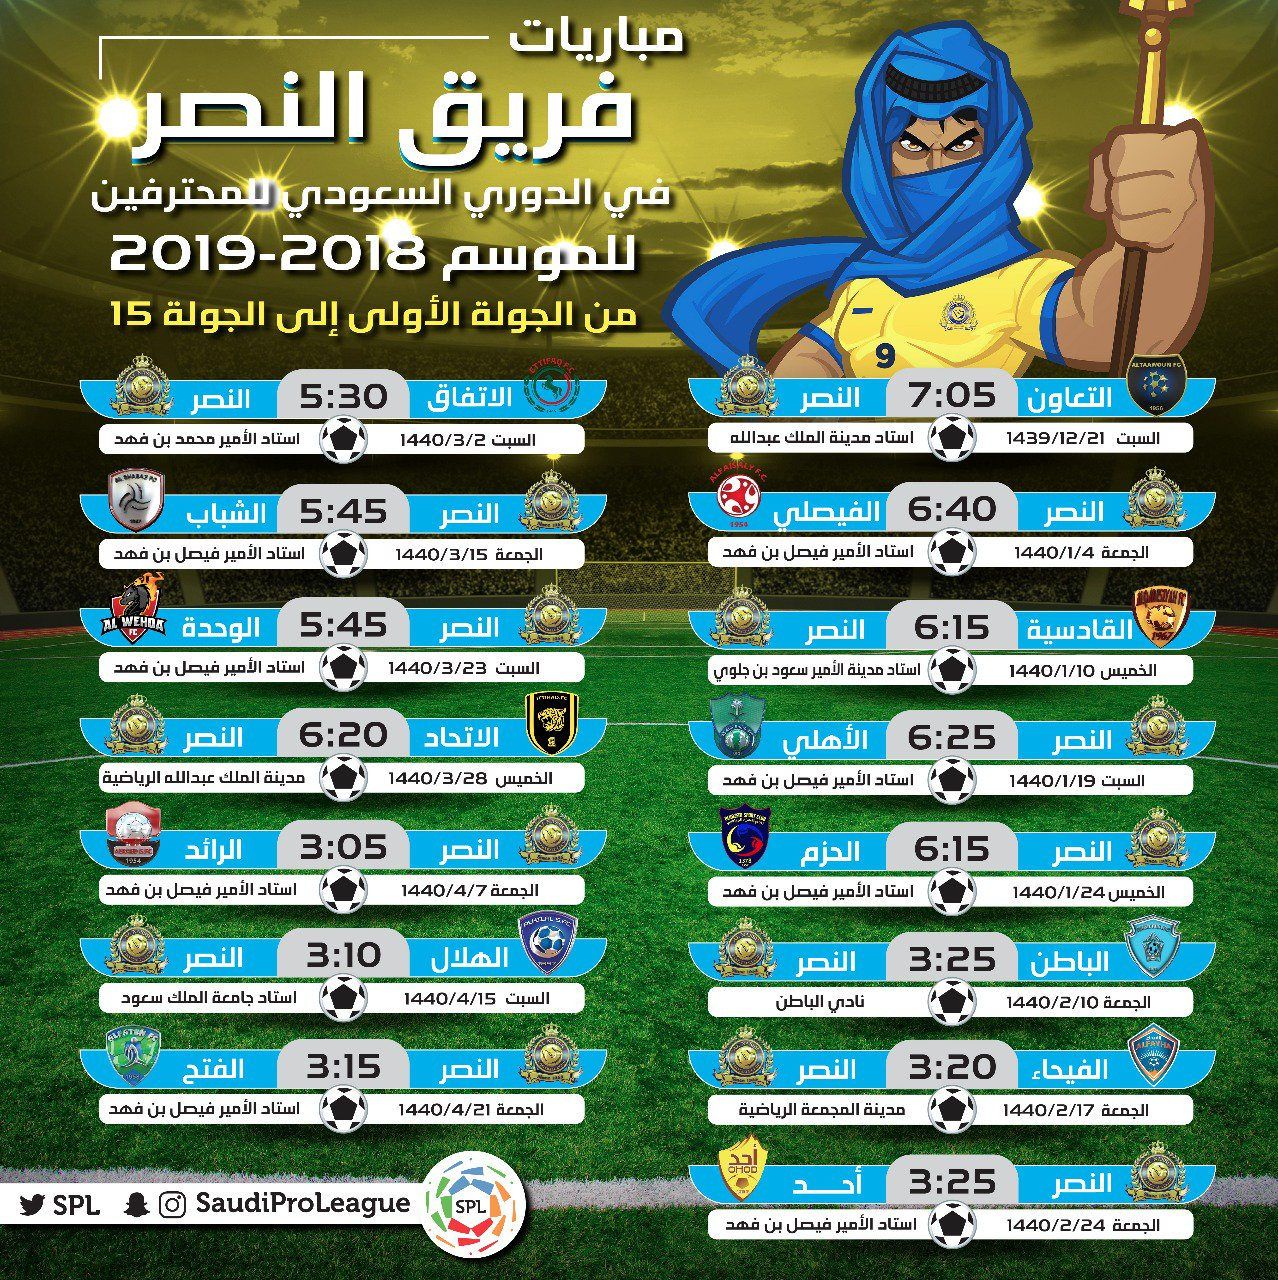 الدوري السعودي اليوم مباريات